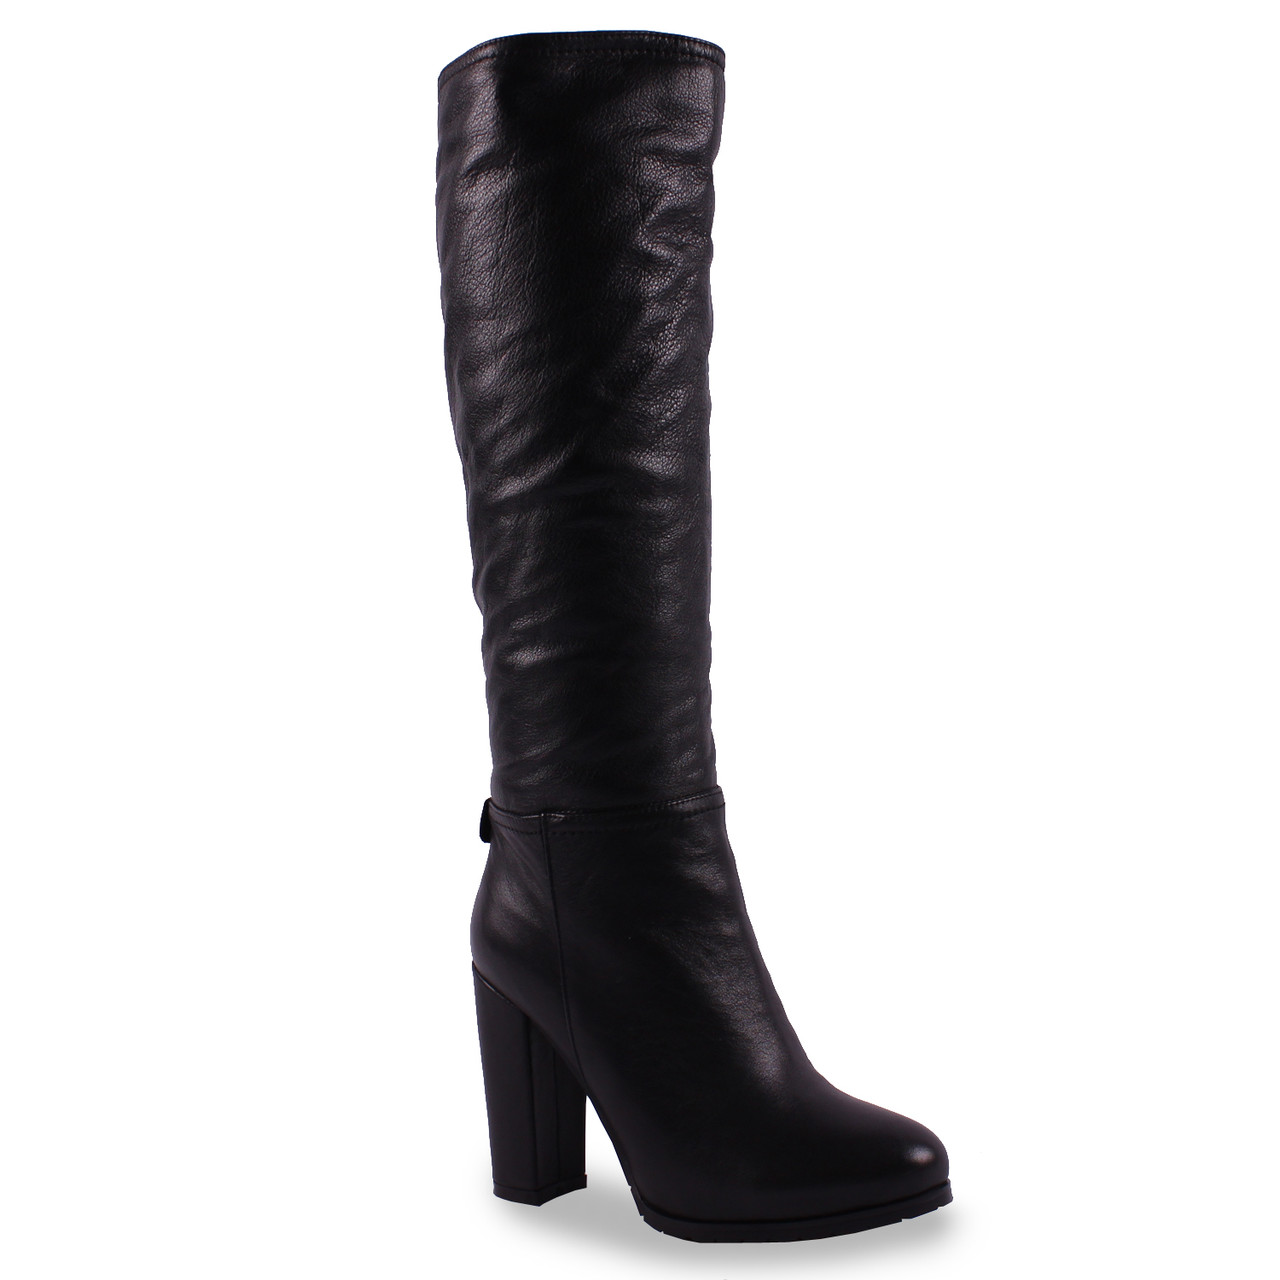 Стильные женские сапоги Lilimars (натуральная кожа, на каблуке, на замке,  стильные, 53dc10bc5be